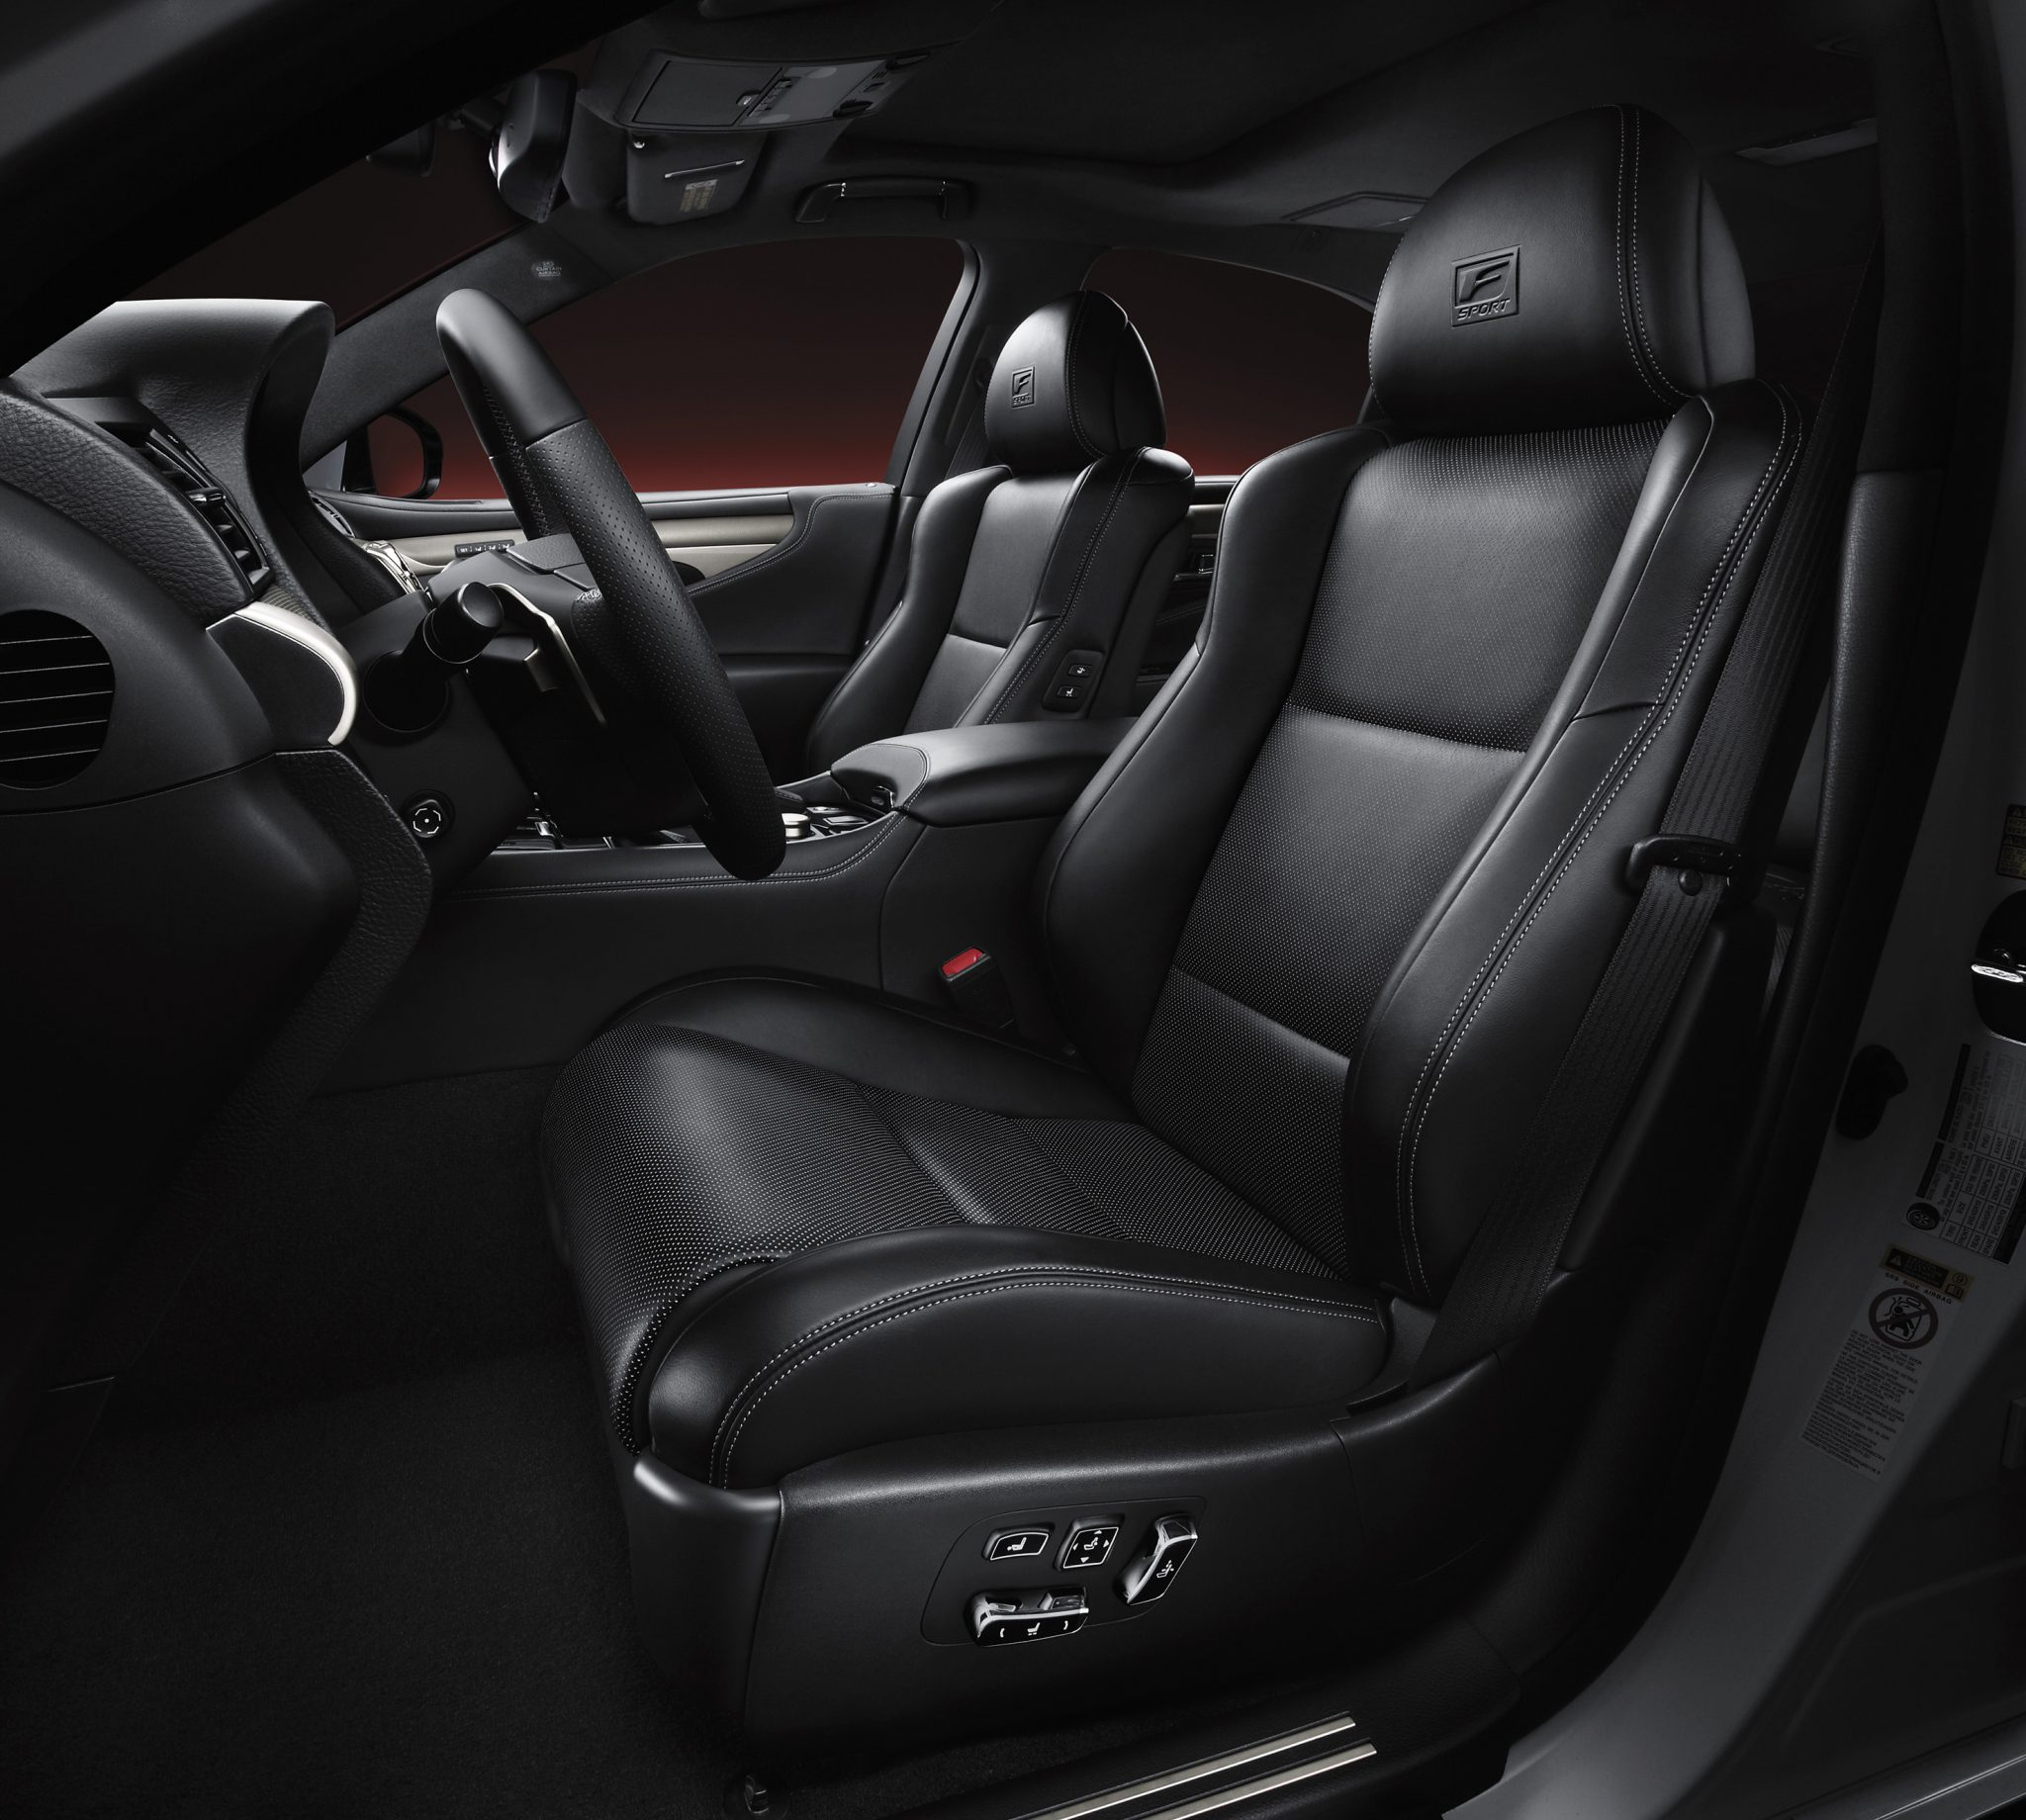 2013 Lexus Ls460 For Sale: LS F Sport Drivers Seat (pre Production Model Shown